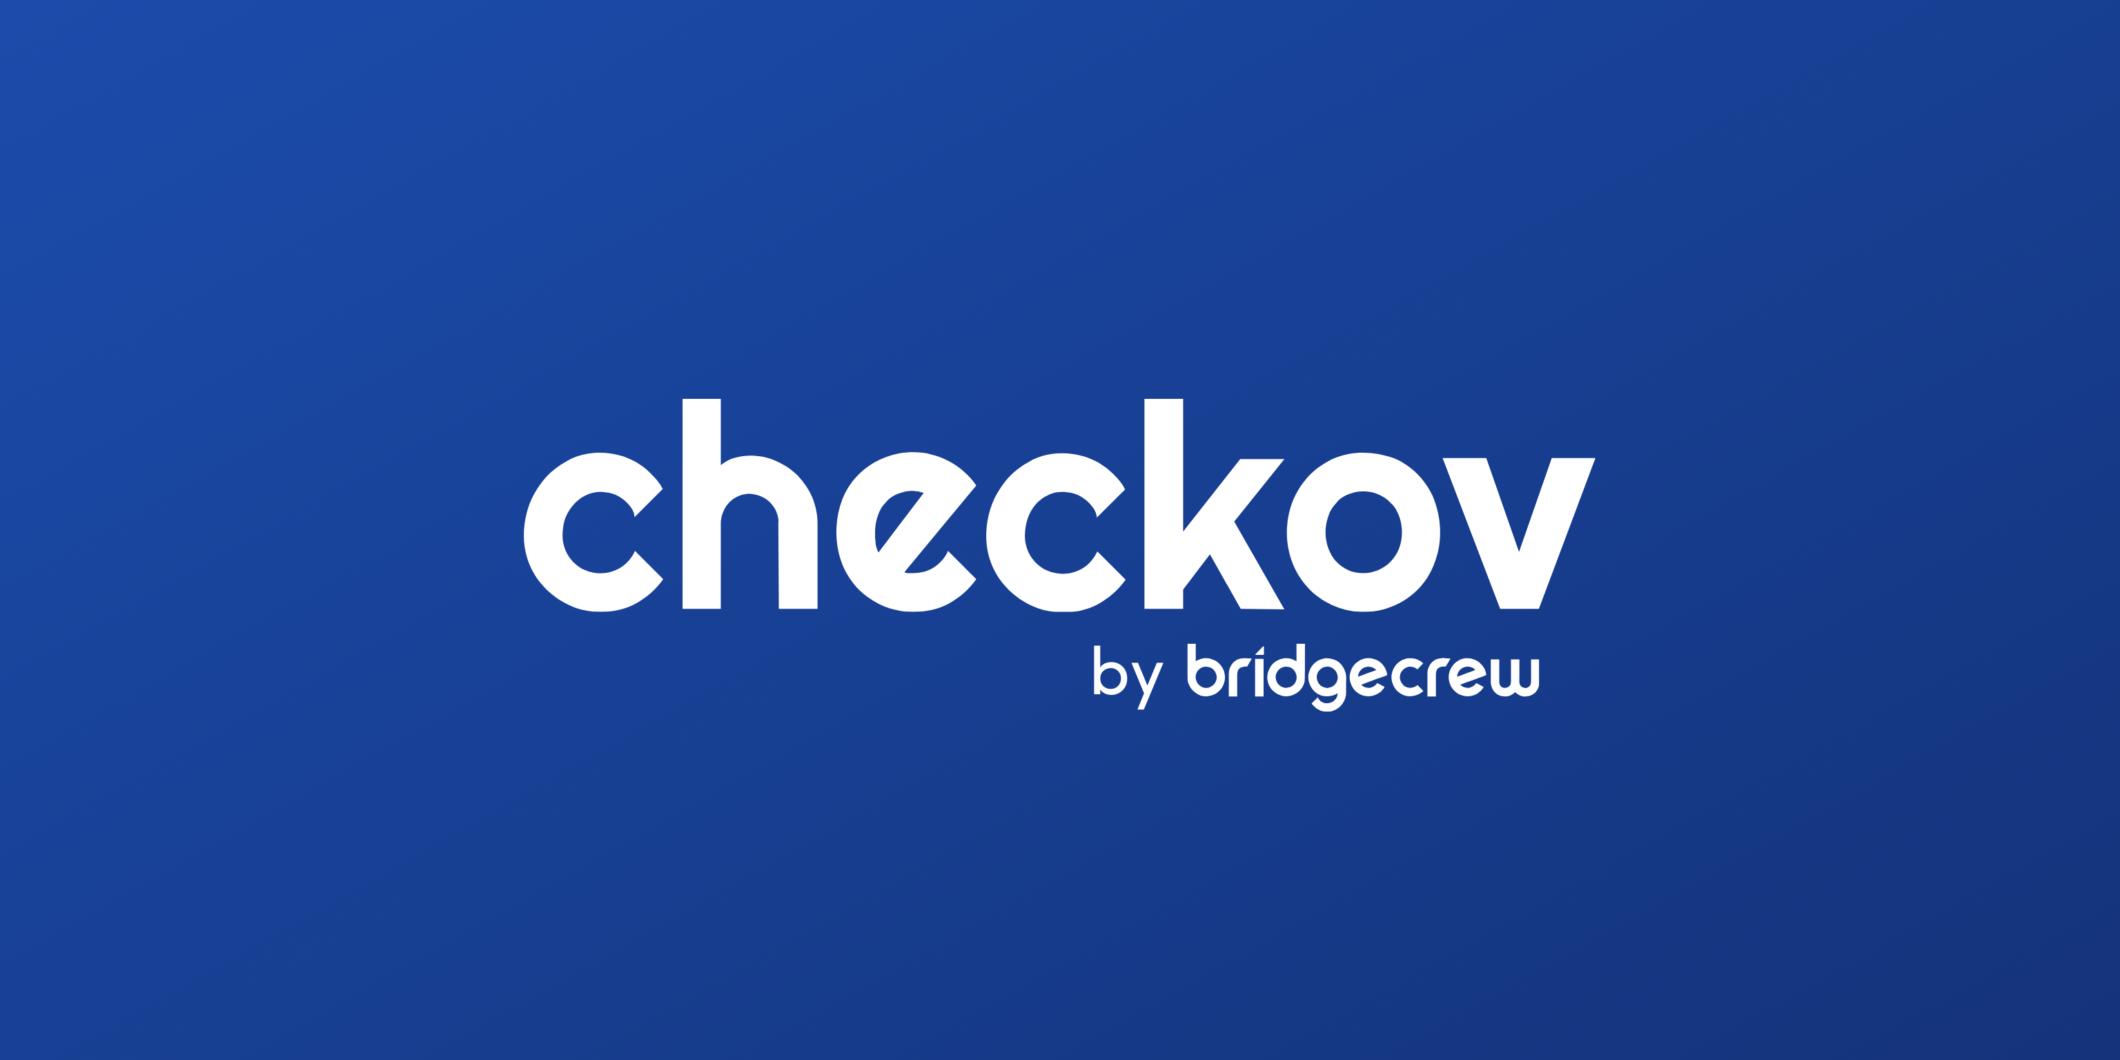 Checkov by Bridgecrew